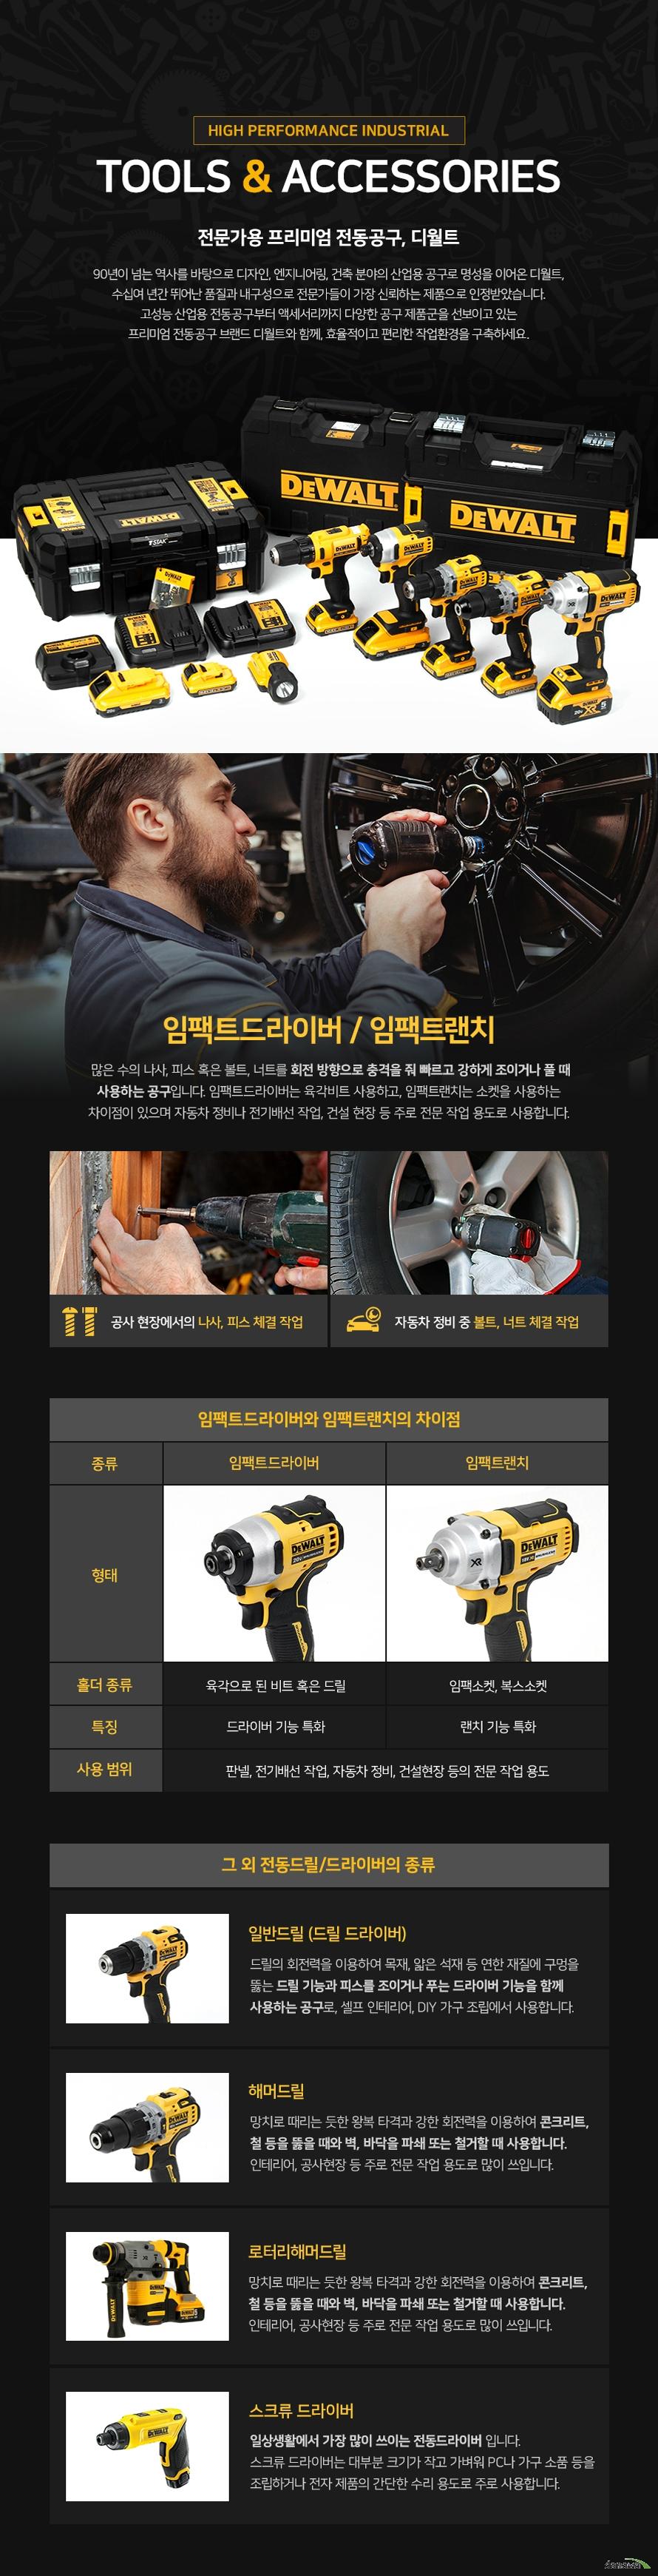 [촬영상품] 디월트 DCF885 (5.0Ah, 배터리 2개)